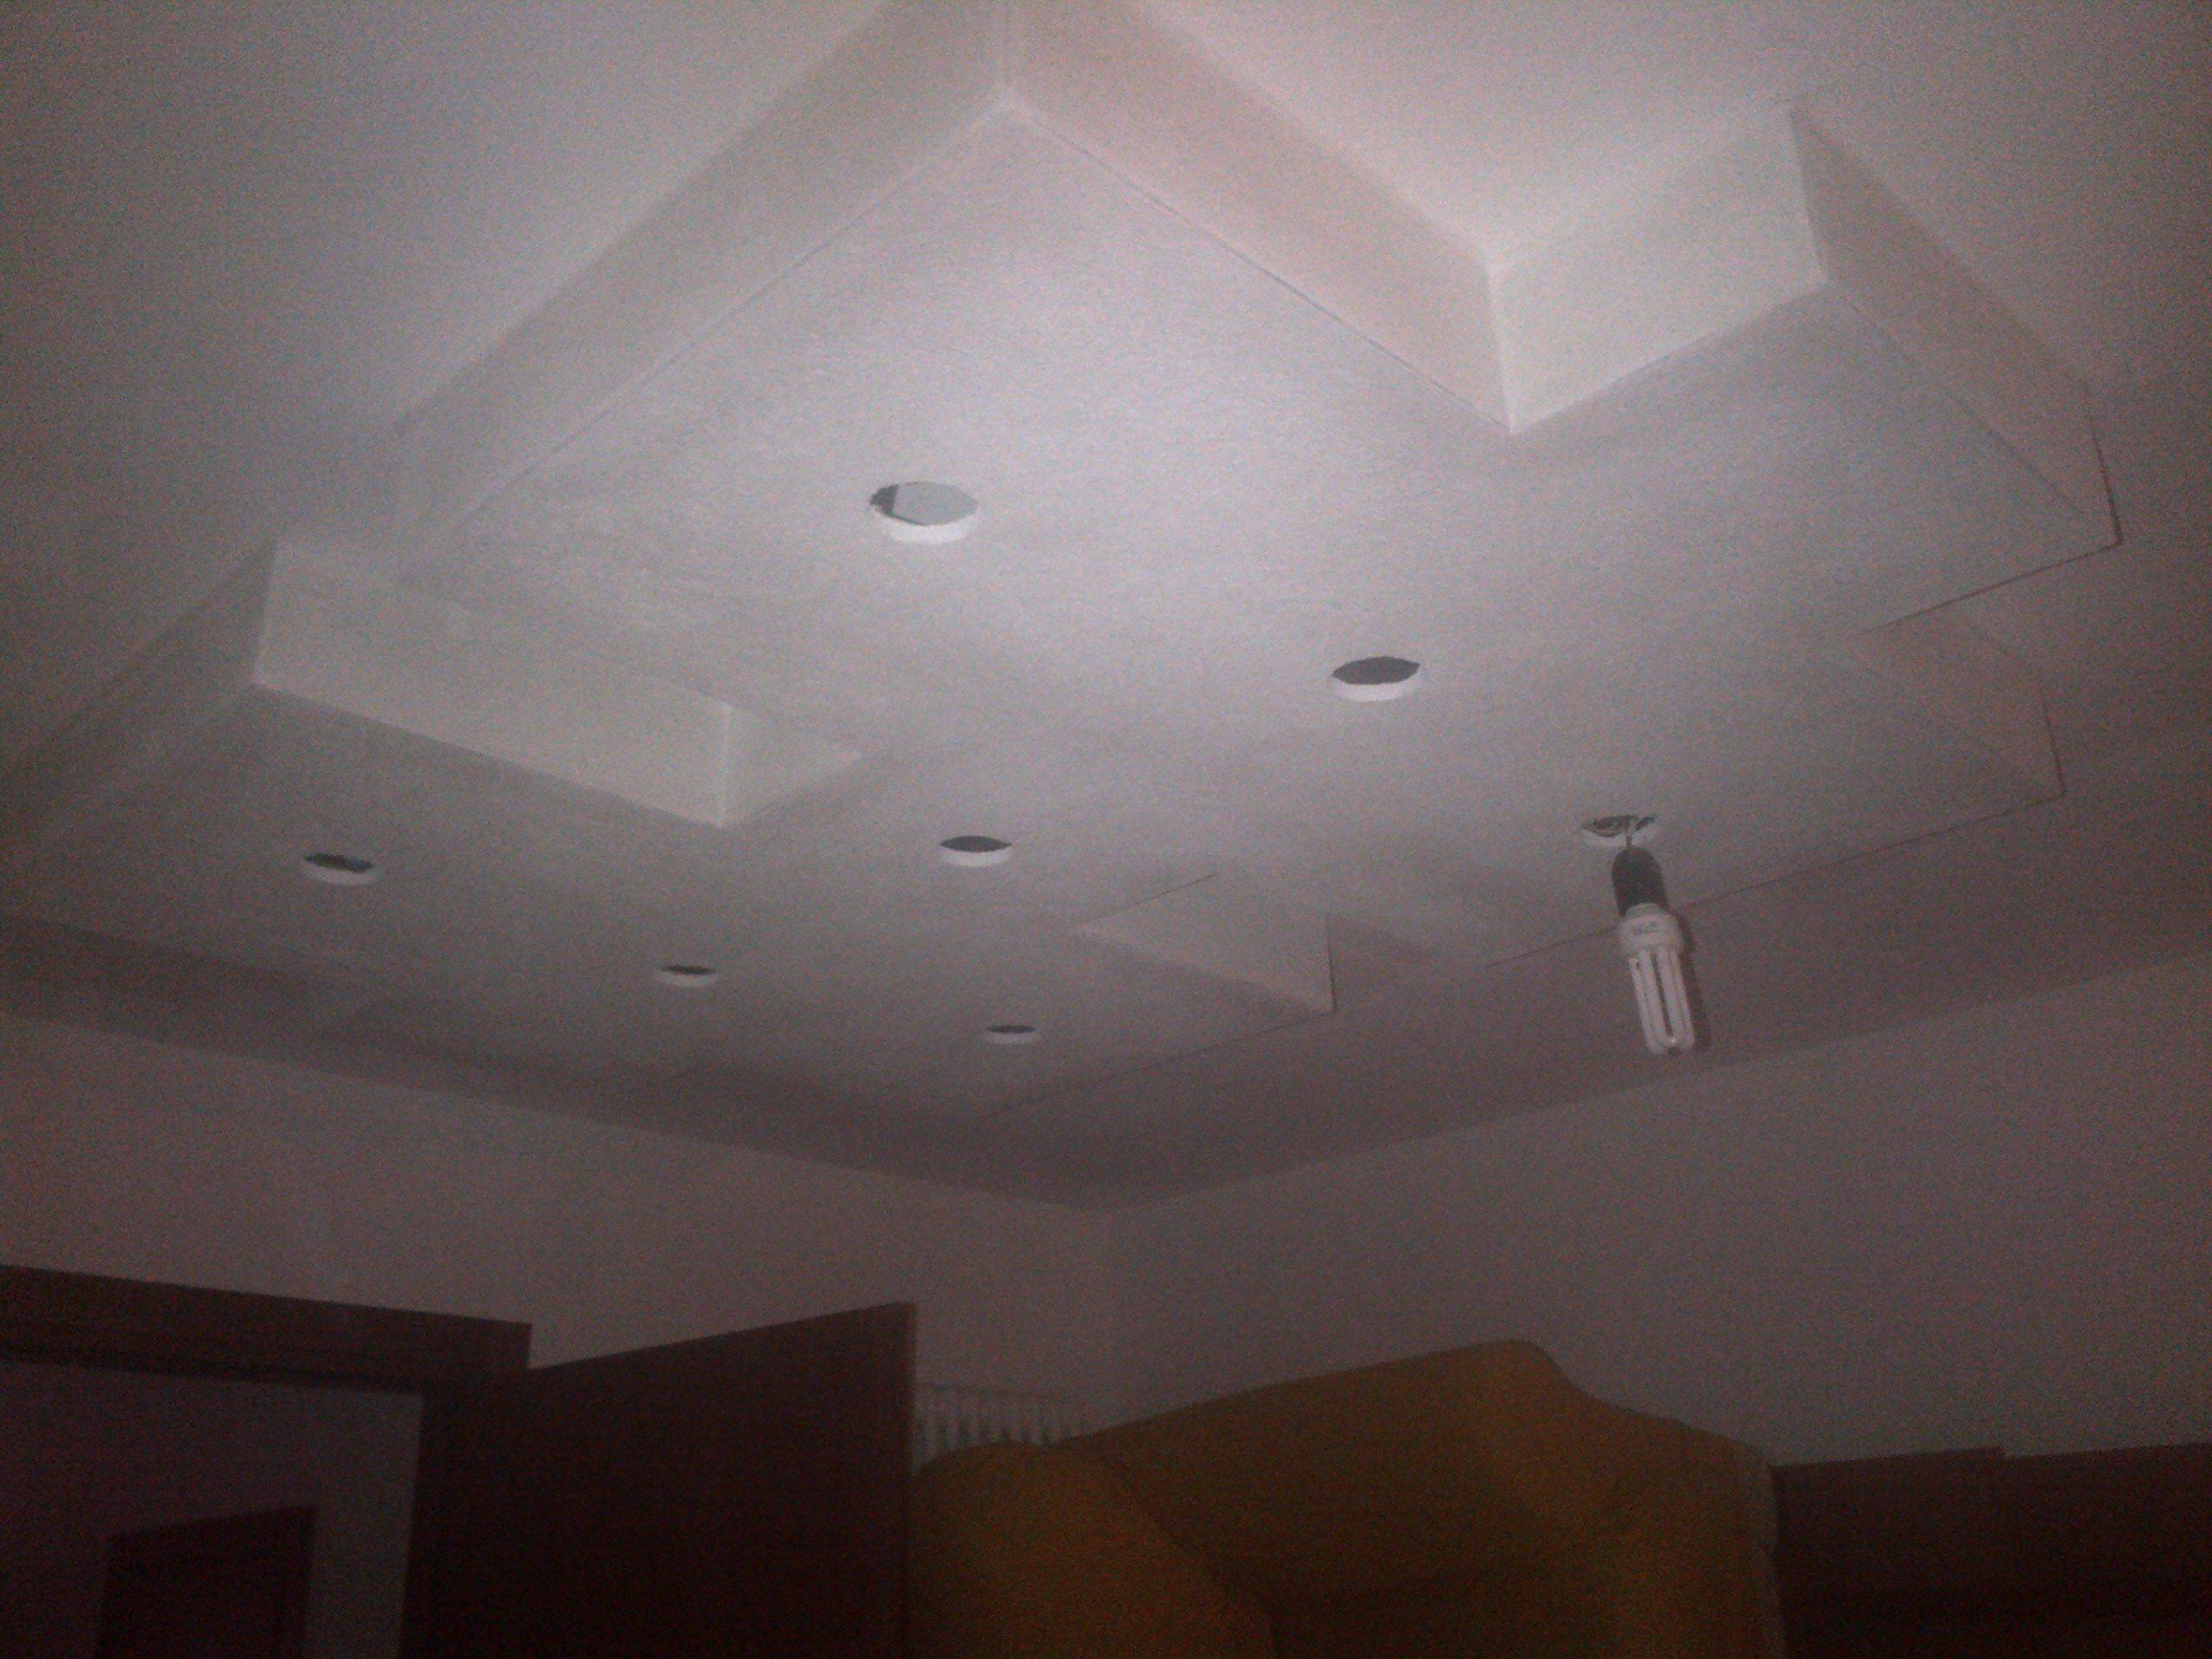 impianto di illuminazione installato su  un controsoffitto